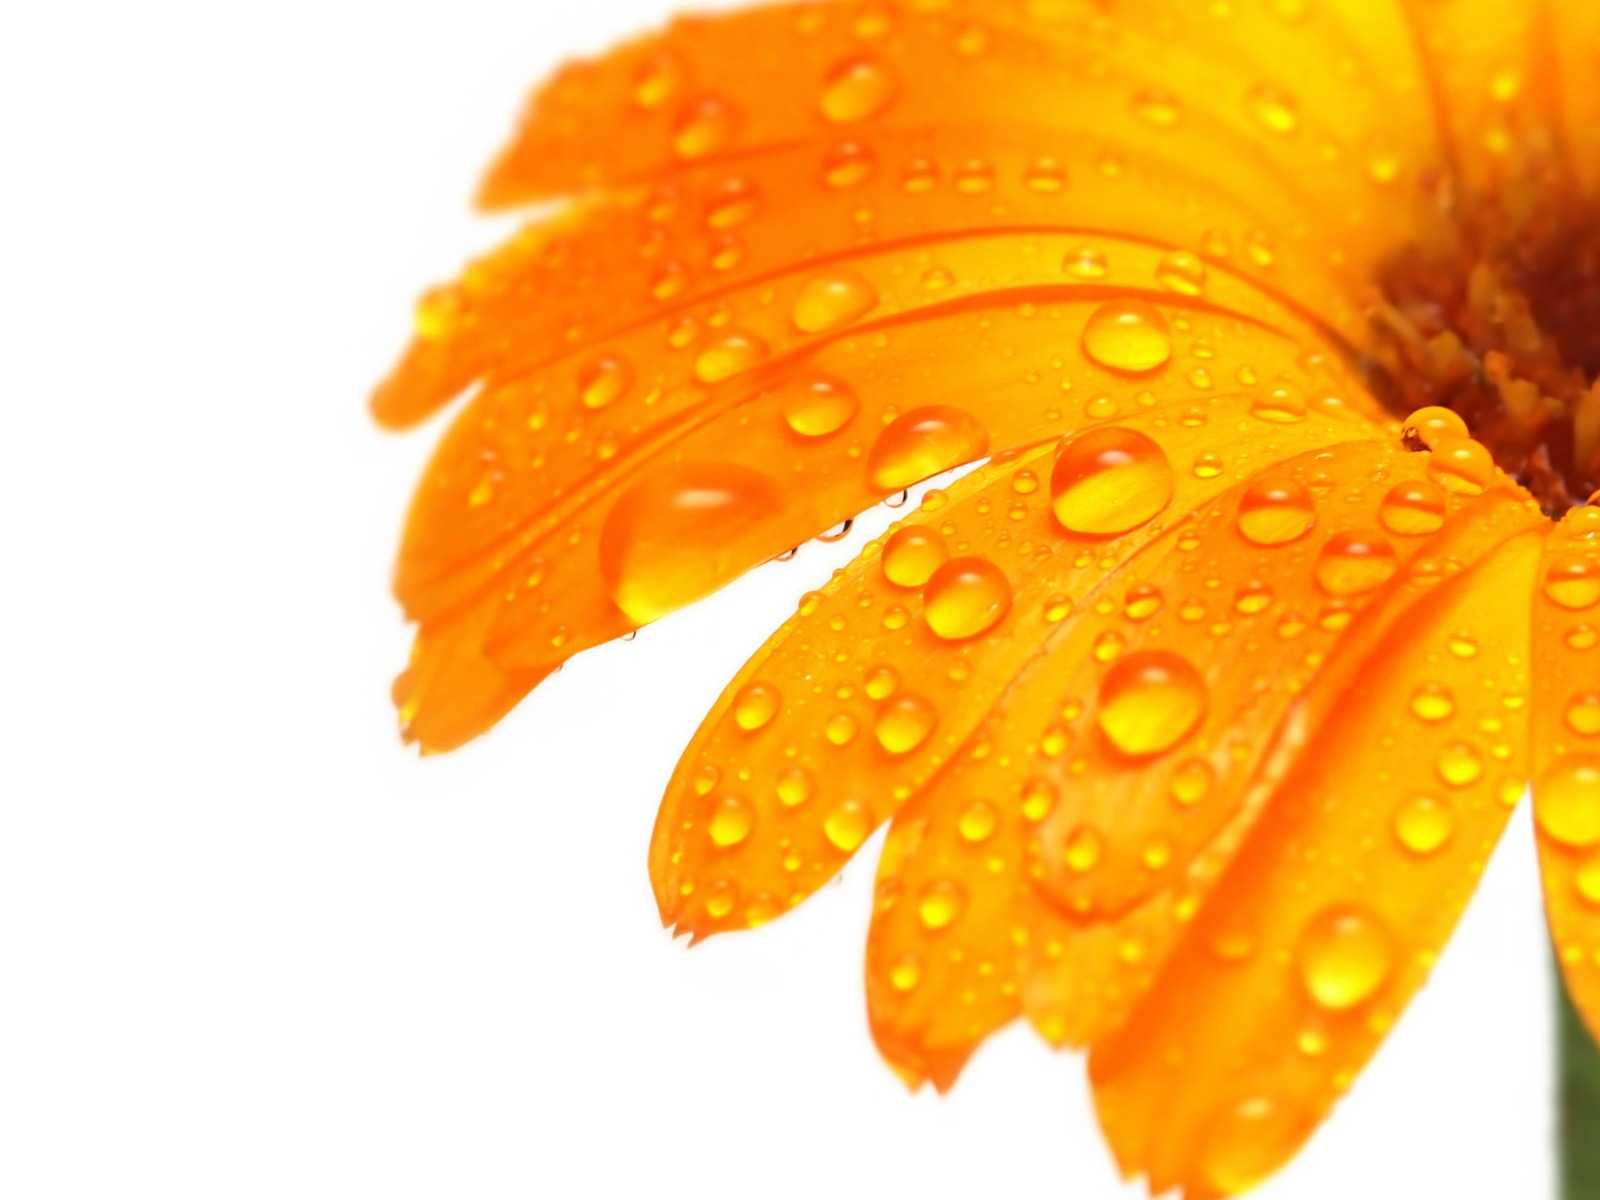 http://4.bp.blogspot.com/-YWv0Kvk8Exw/TWdunLdnNEI/AAAAAAAADew/r9jiYXXvrn8/s1600/Oranje-achtergronden-oranje-wallpapers-oranje-wallpaper-hd-27.jpg